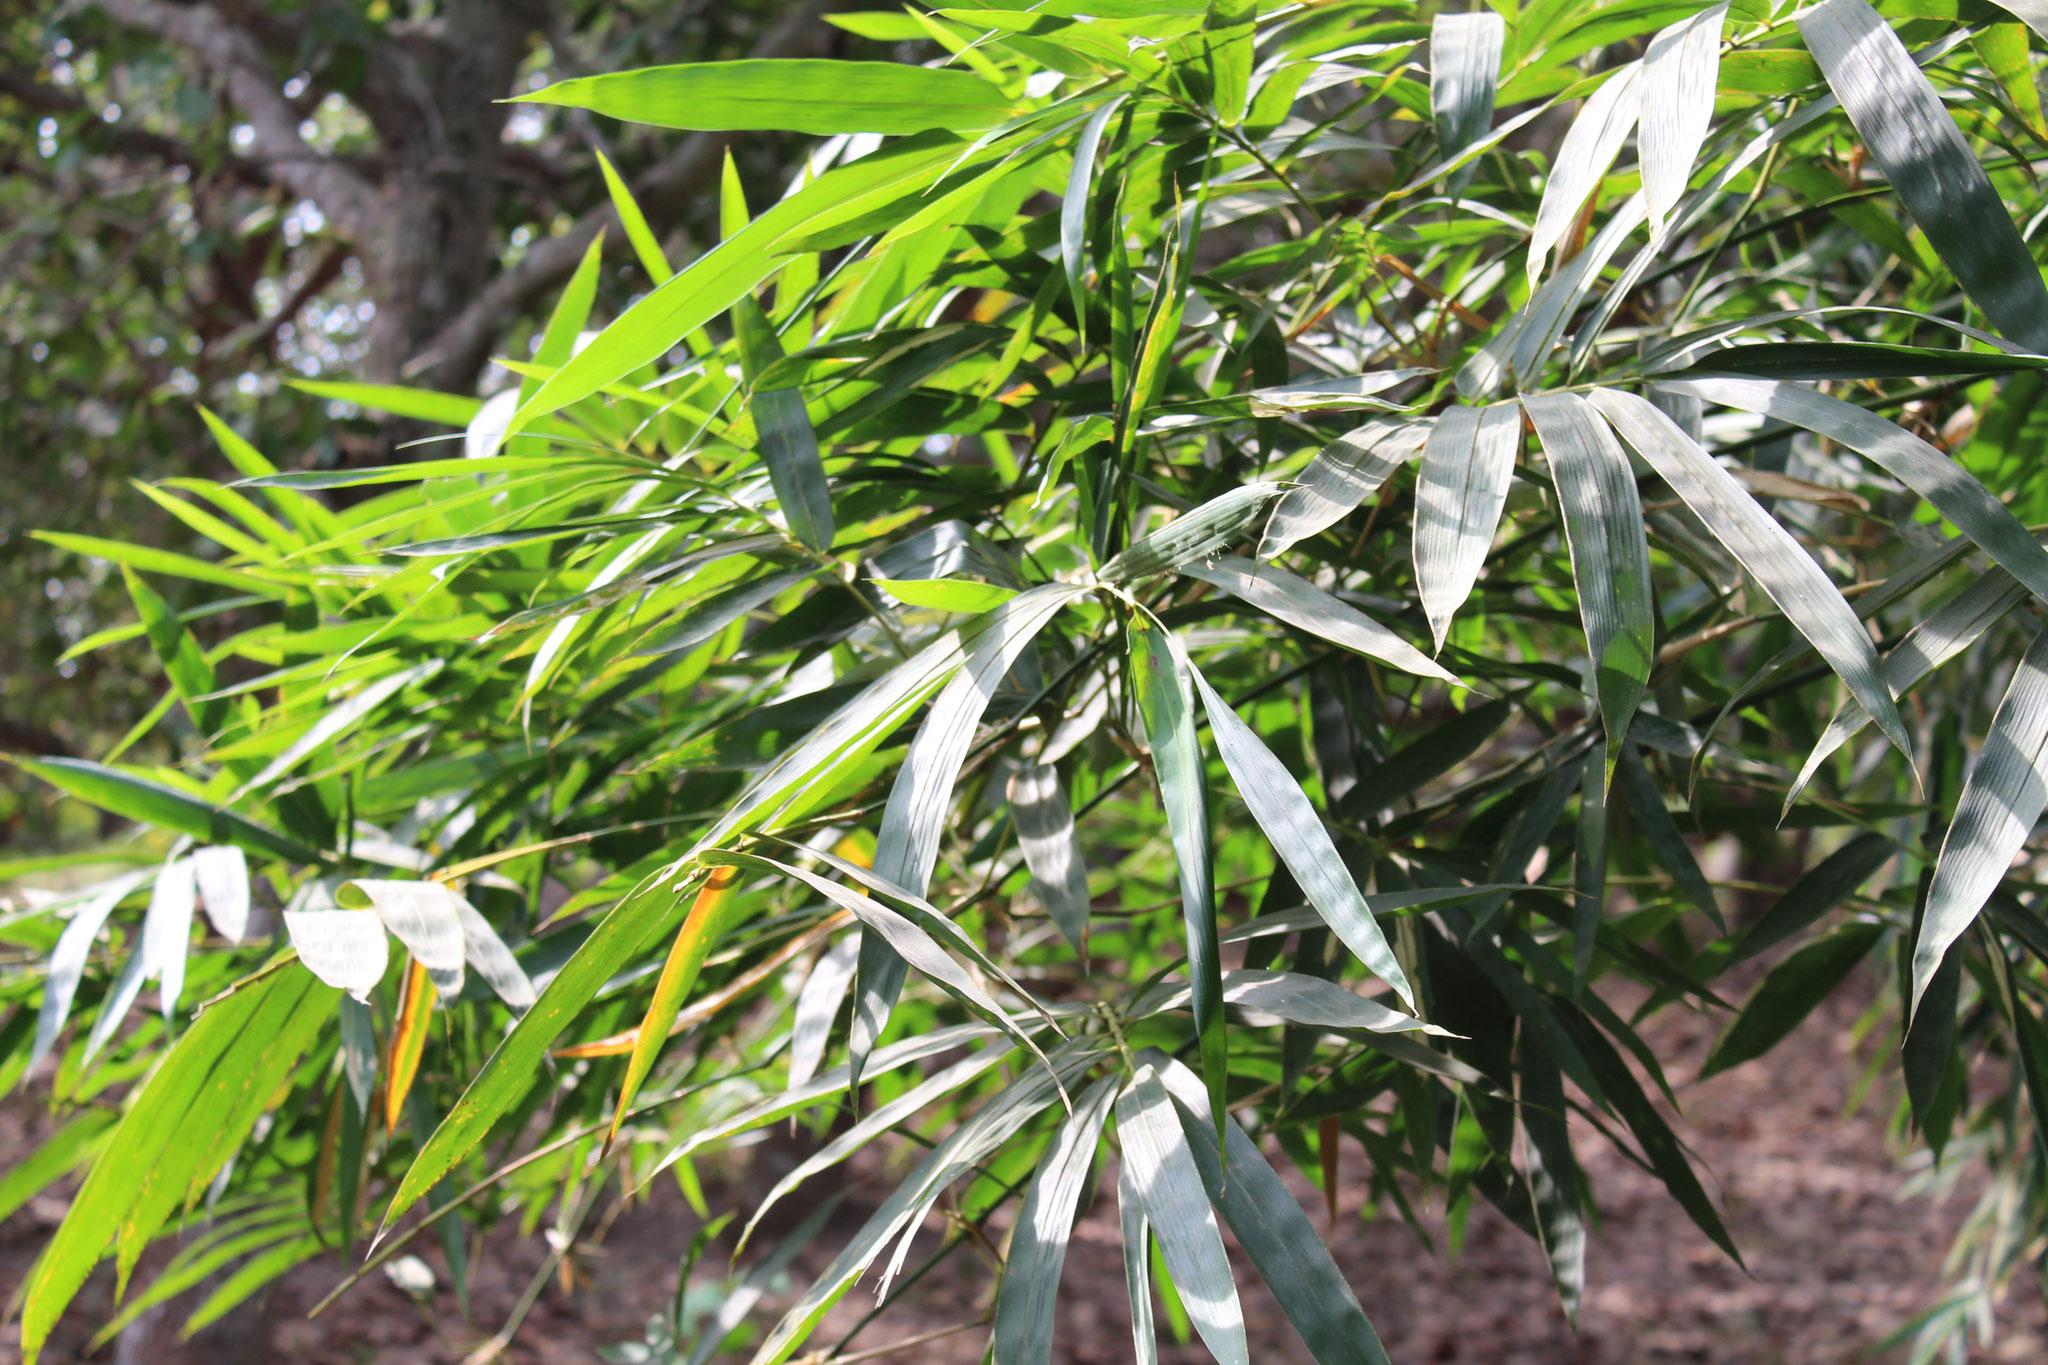 Bambuswälder produzieren mehr Sauerstoff und speichern mehr CO2 als Laubbaumwälder.